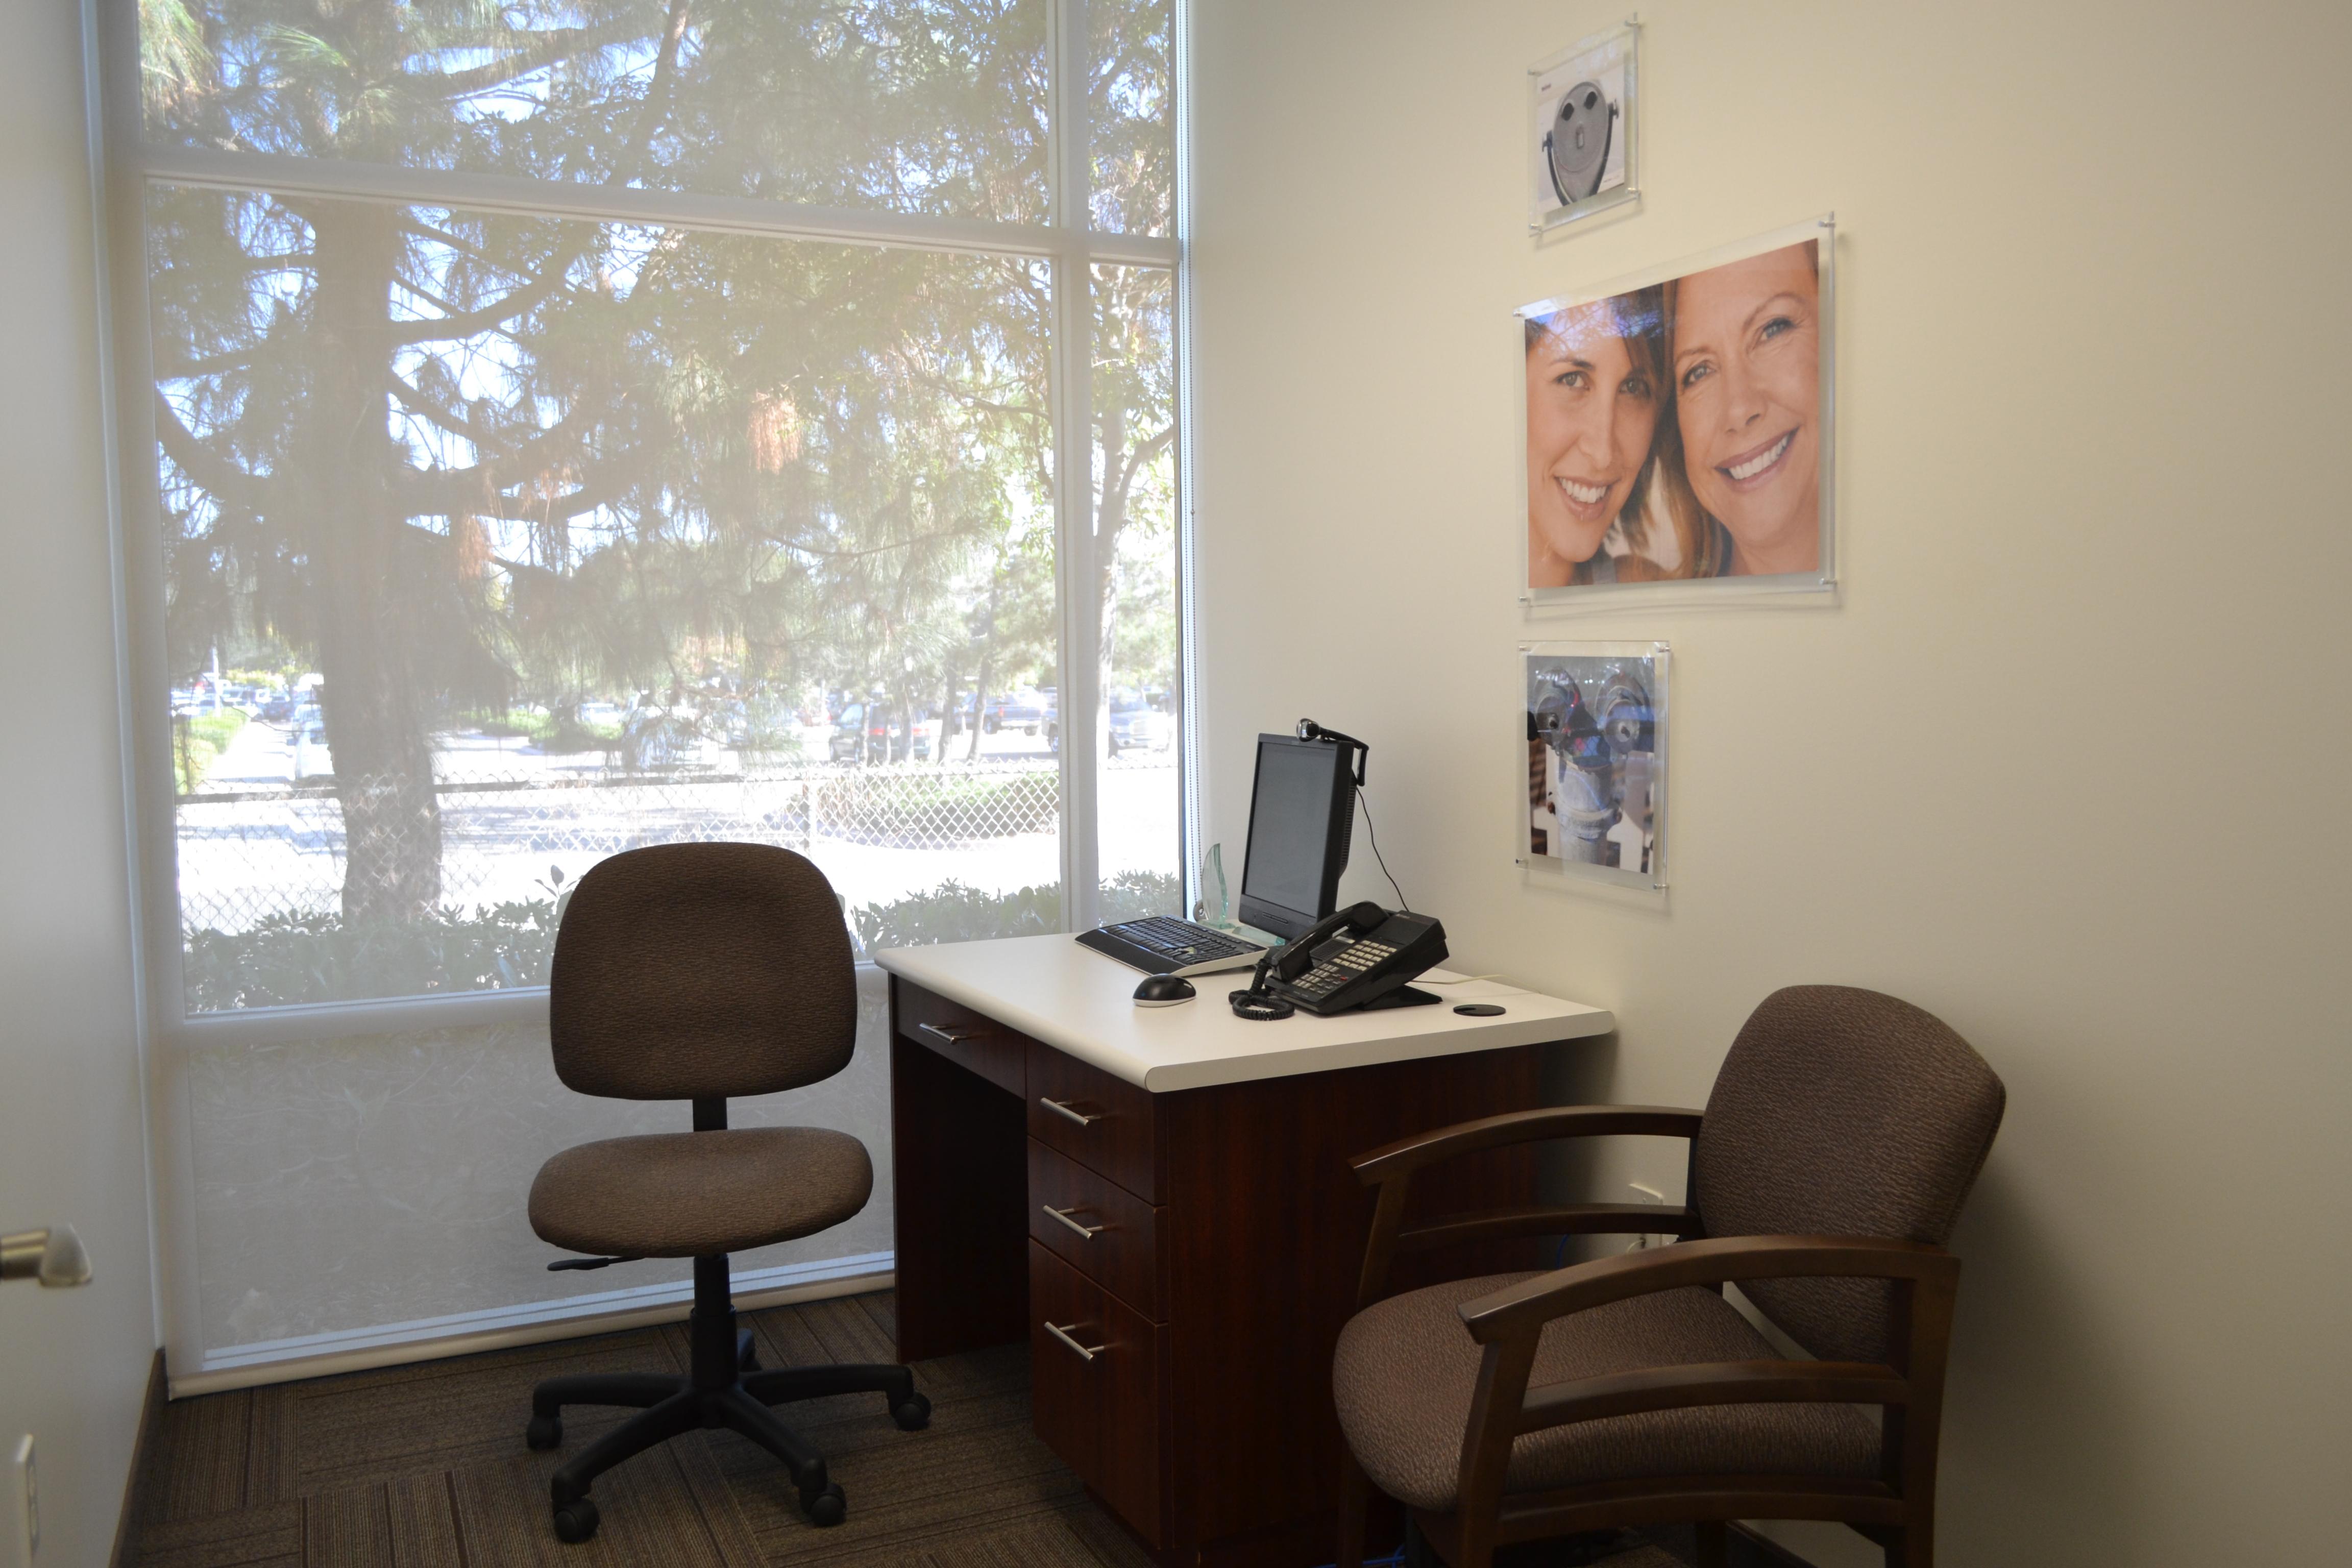 Vista Dental Group image 4